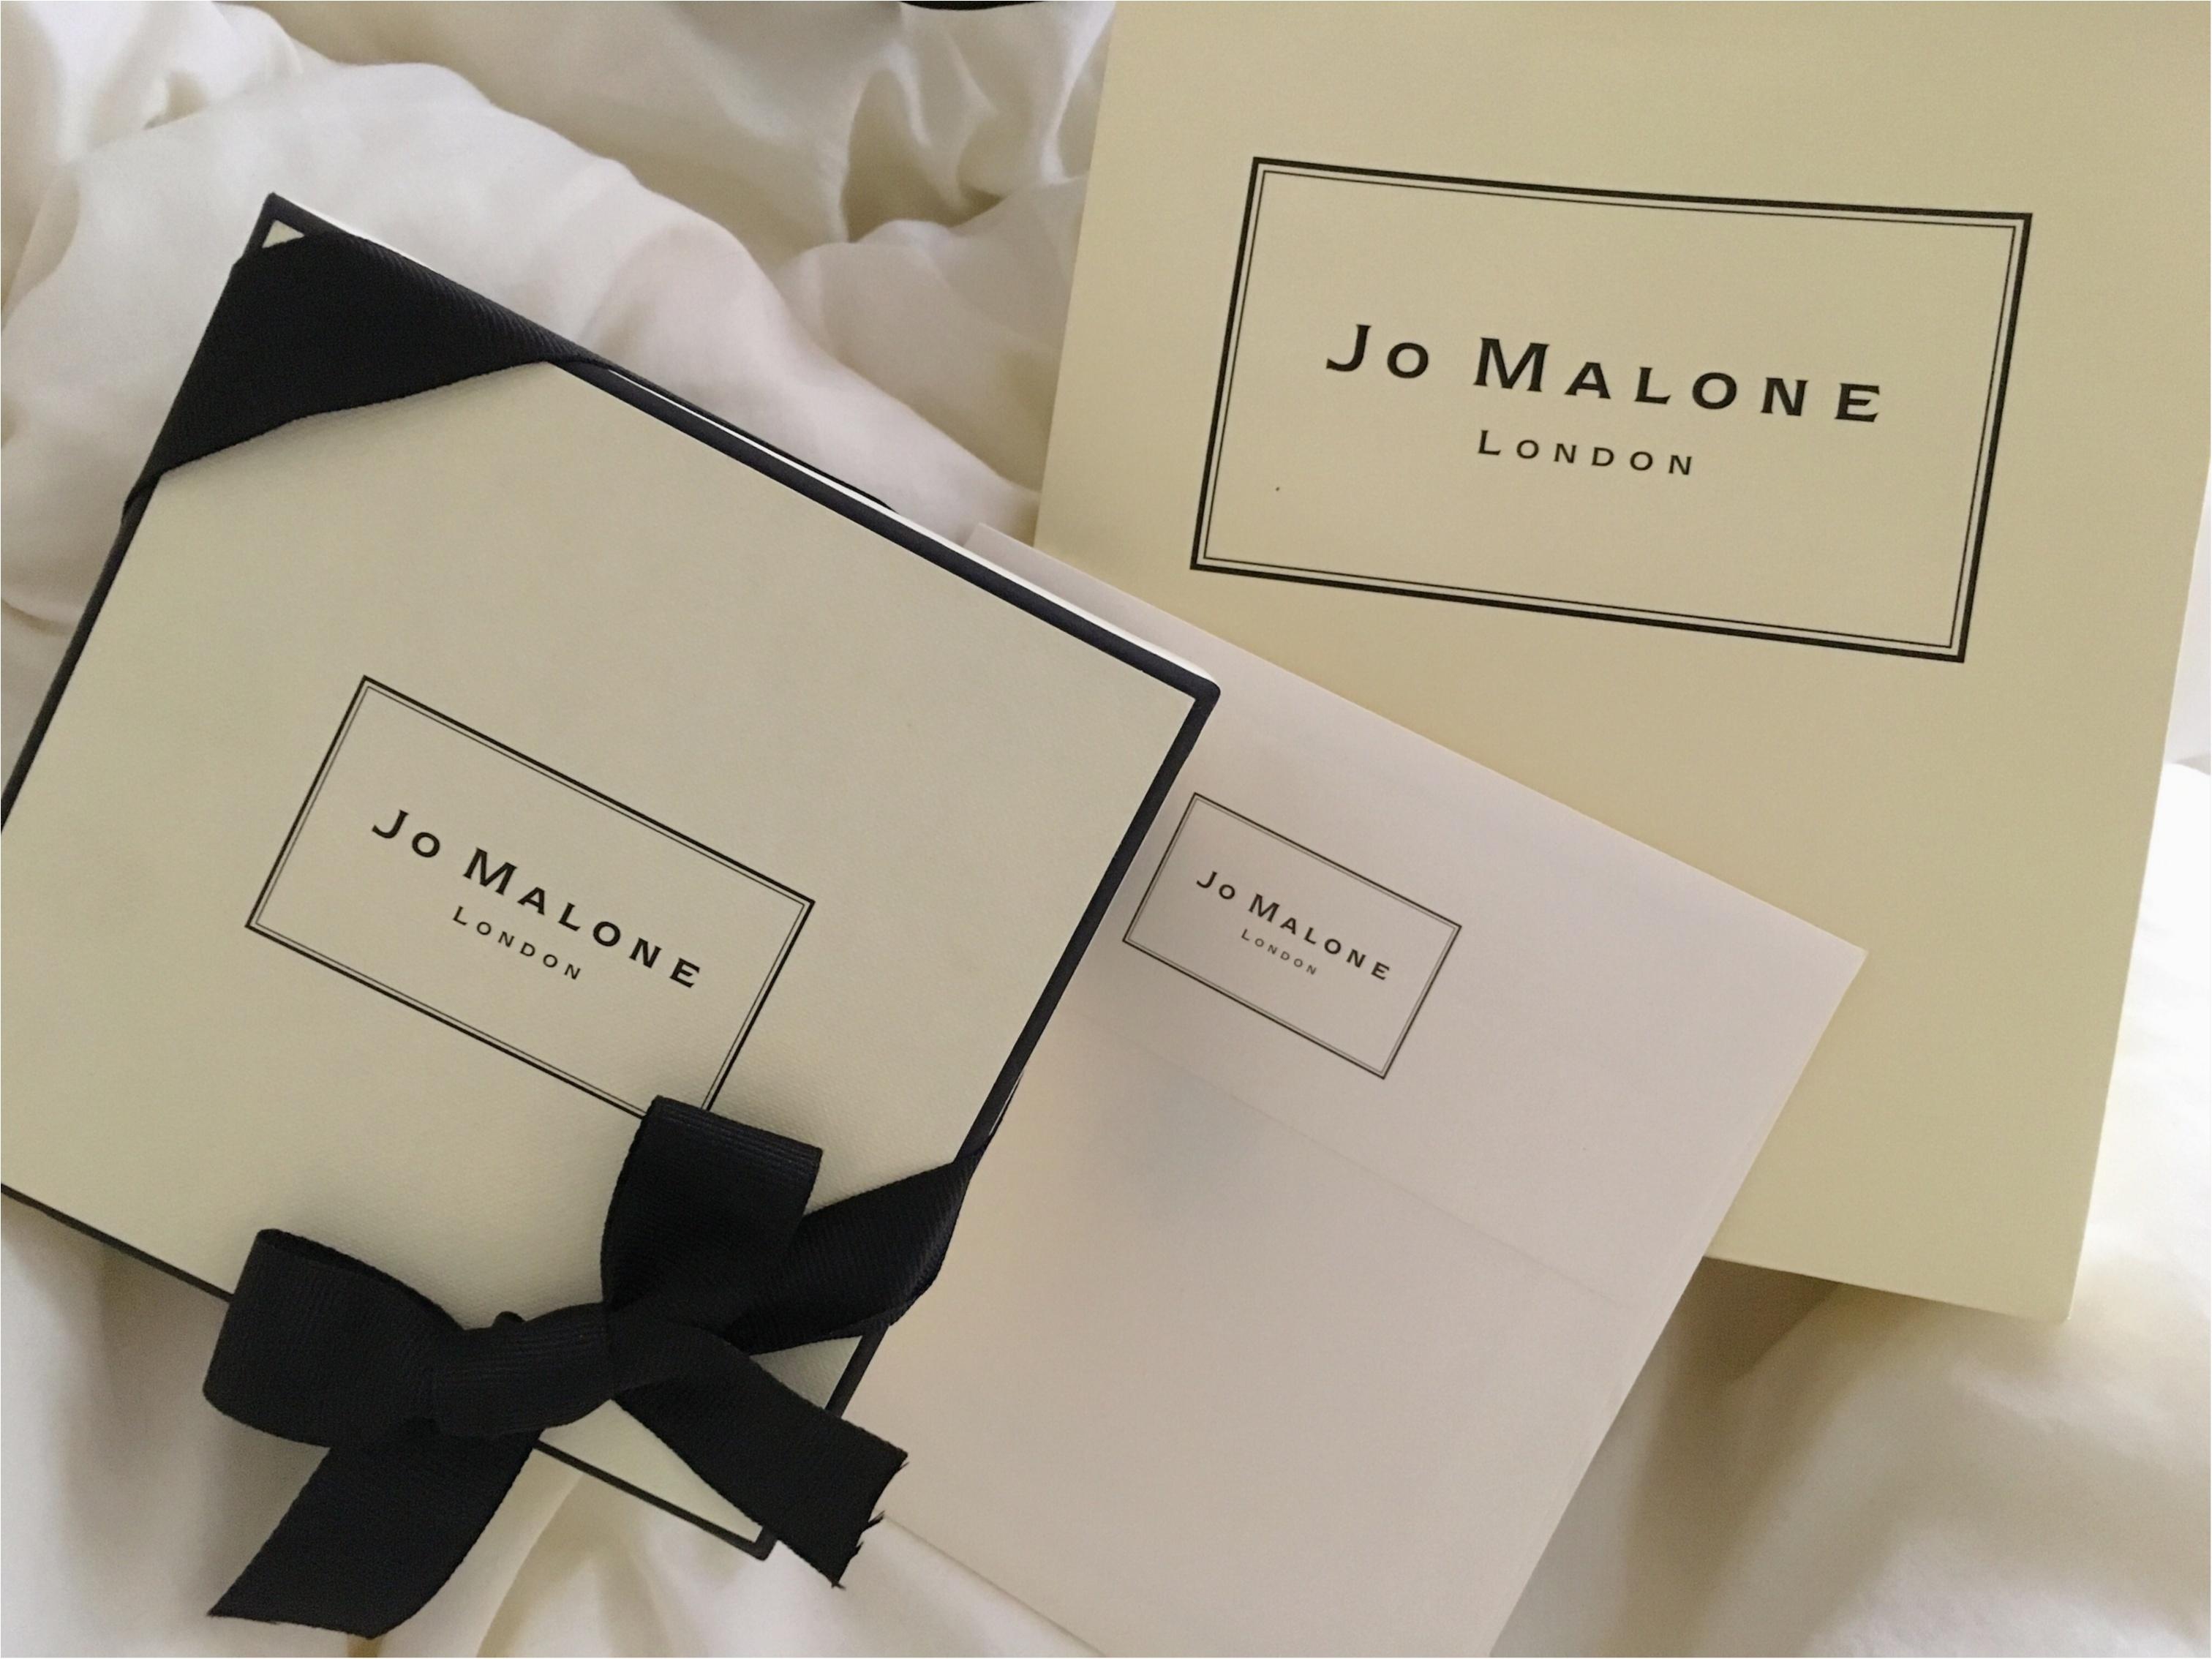 ★【JO MALONE】で最高の癒しタイム♩こんな贅沢アイテムがあること知らなかった〜!最高のクリスマスプレゼント♡_1